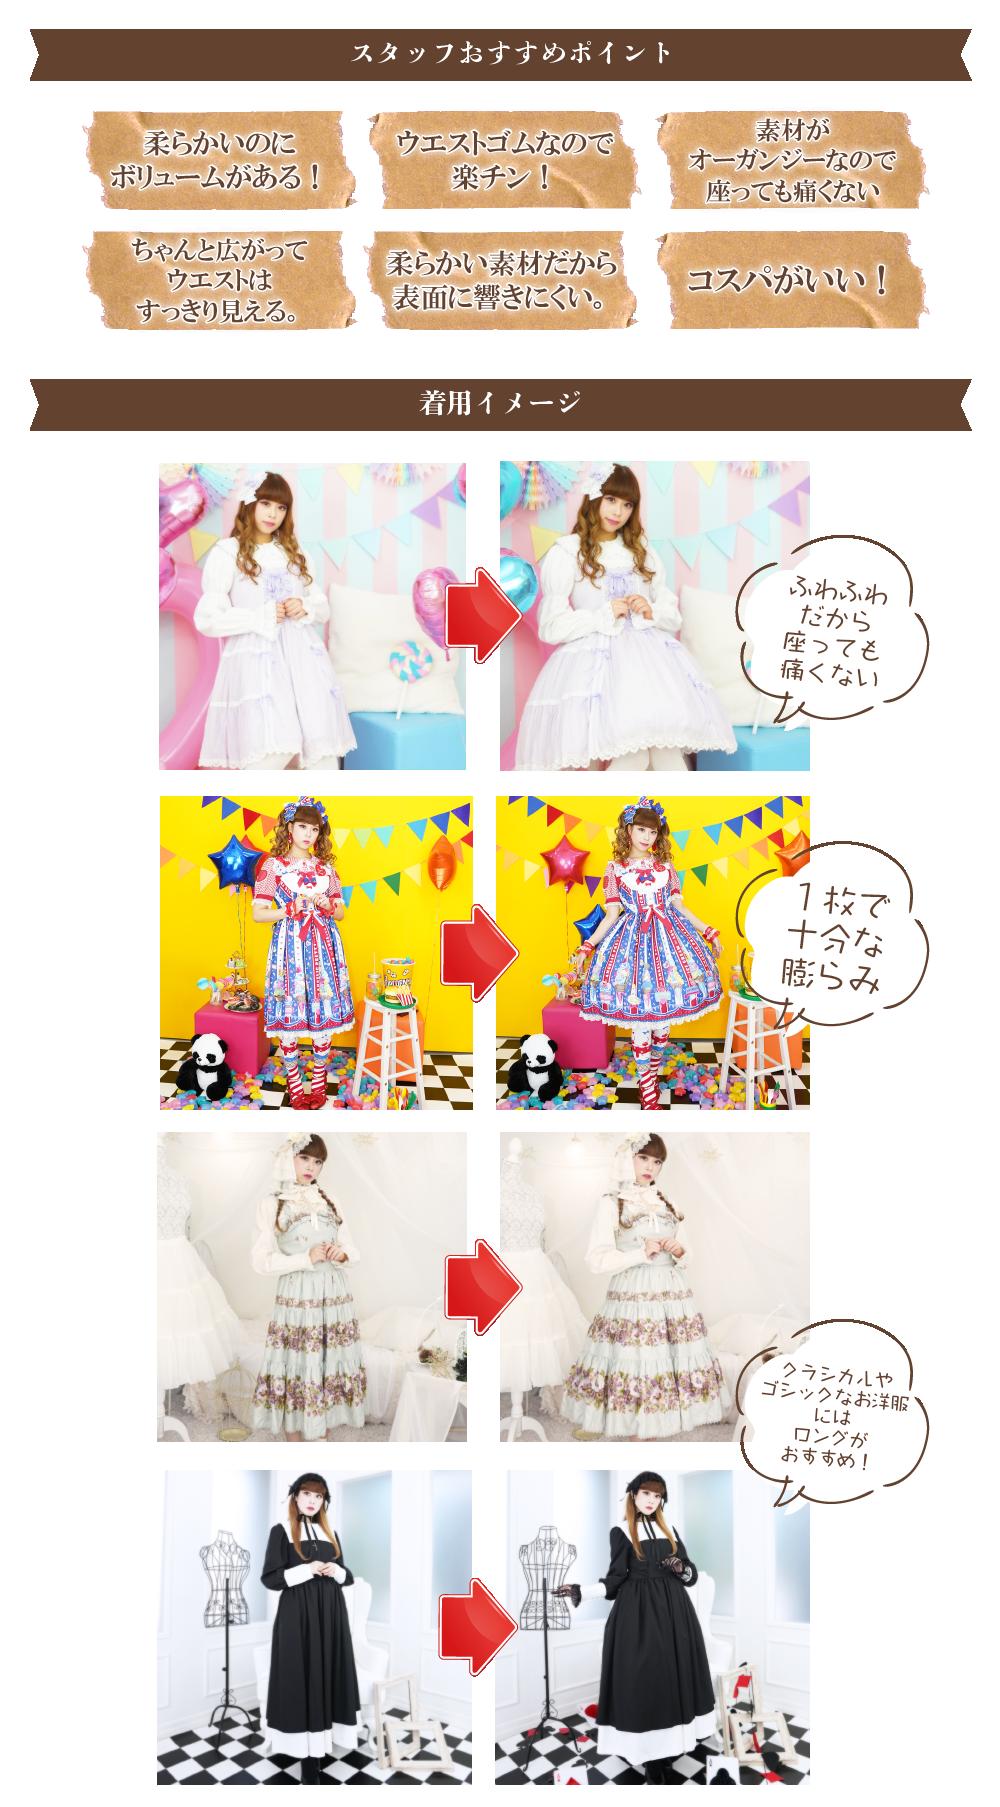 Original petticoat sp 02 b5f7dd6fa2cd8b89d0b1a283773f15c219c9956a4bc21bf34394890d7edb9d96